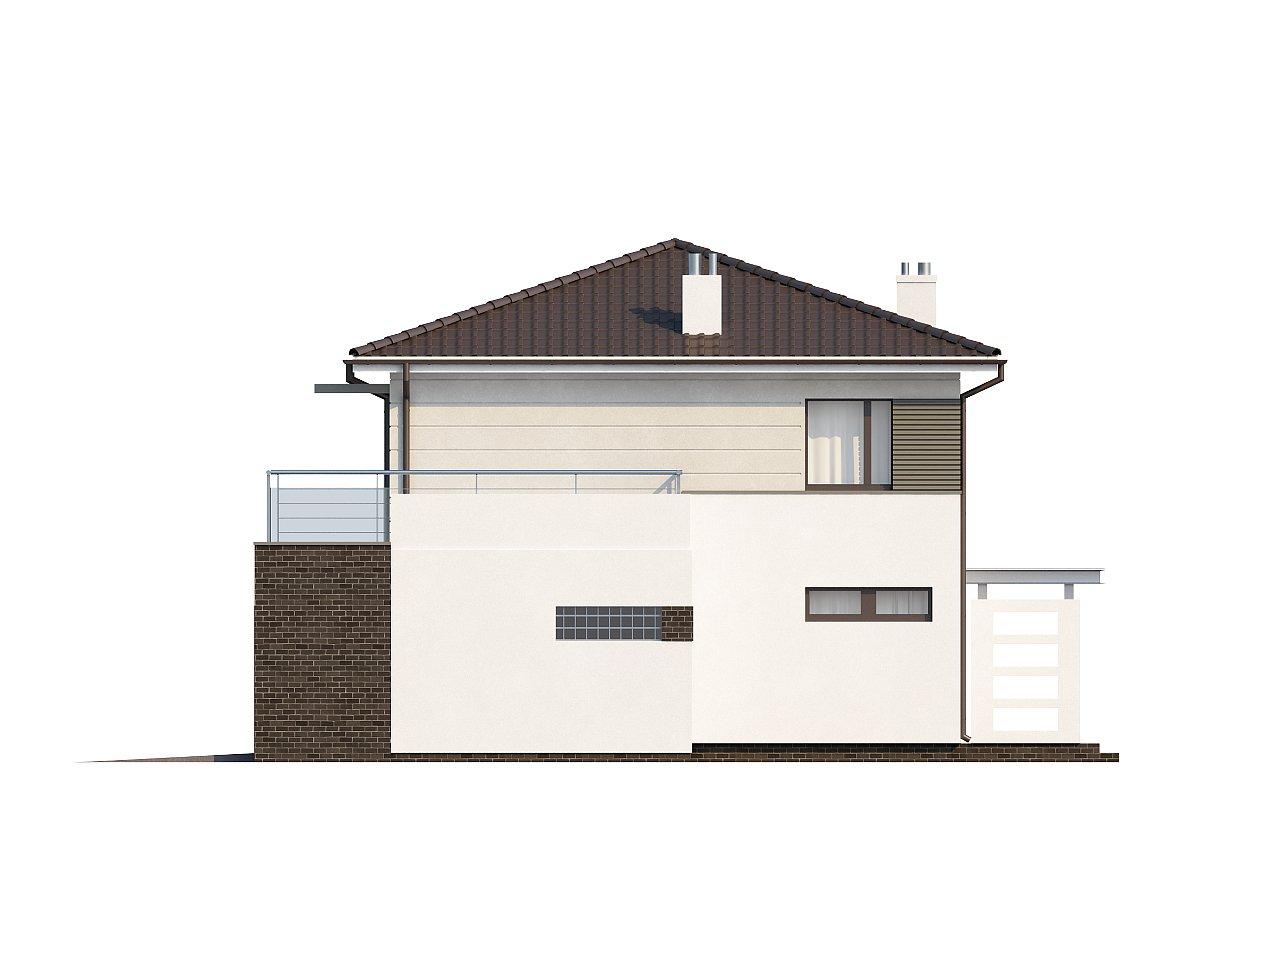 Практичный двухэтажный дом простой формы с низкой крышей, с гаражом для двух автомобилей. - фото 6